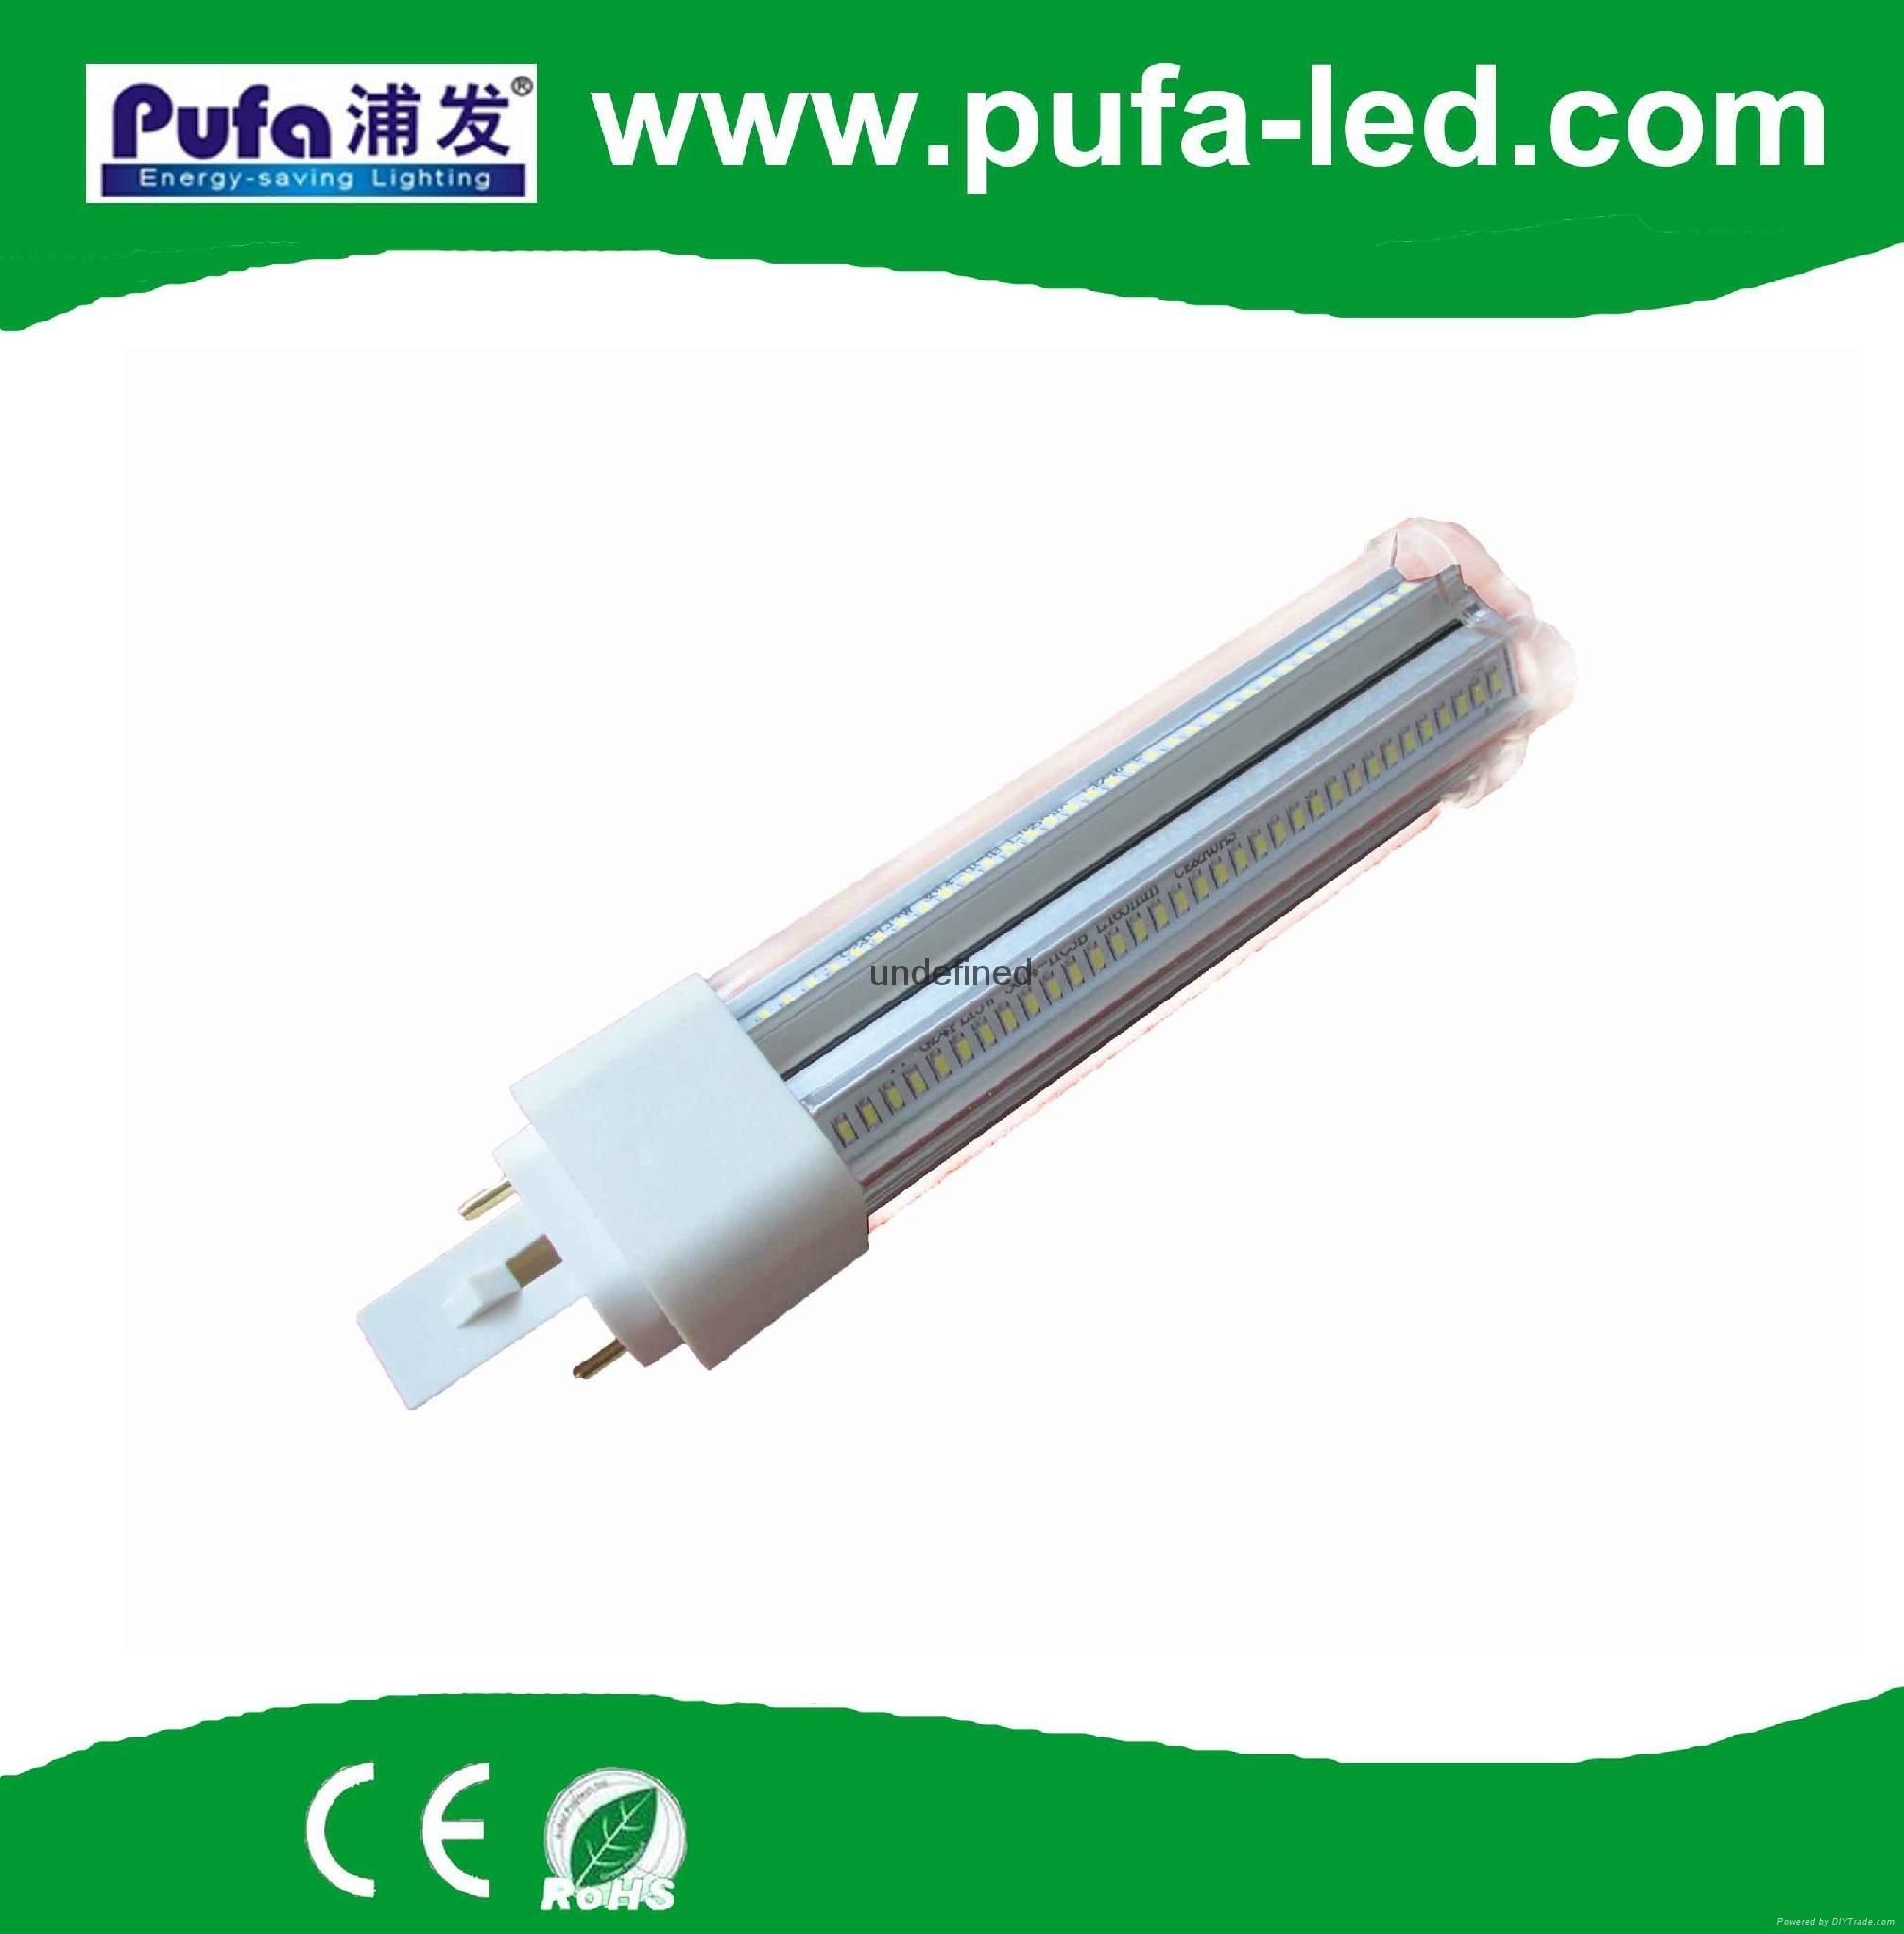 G24 LED 插拔燈13W 1